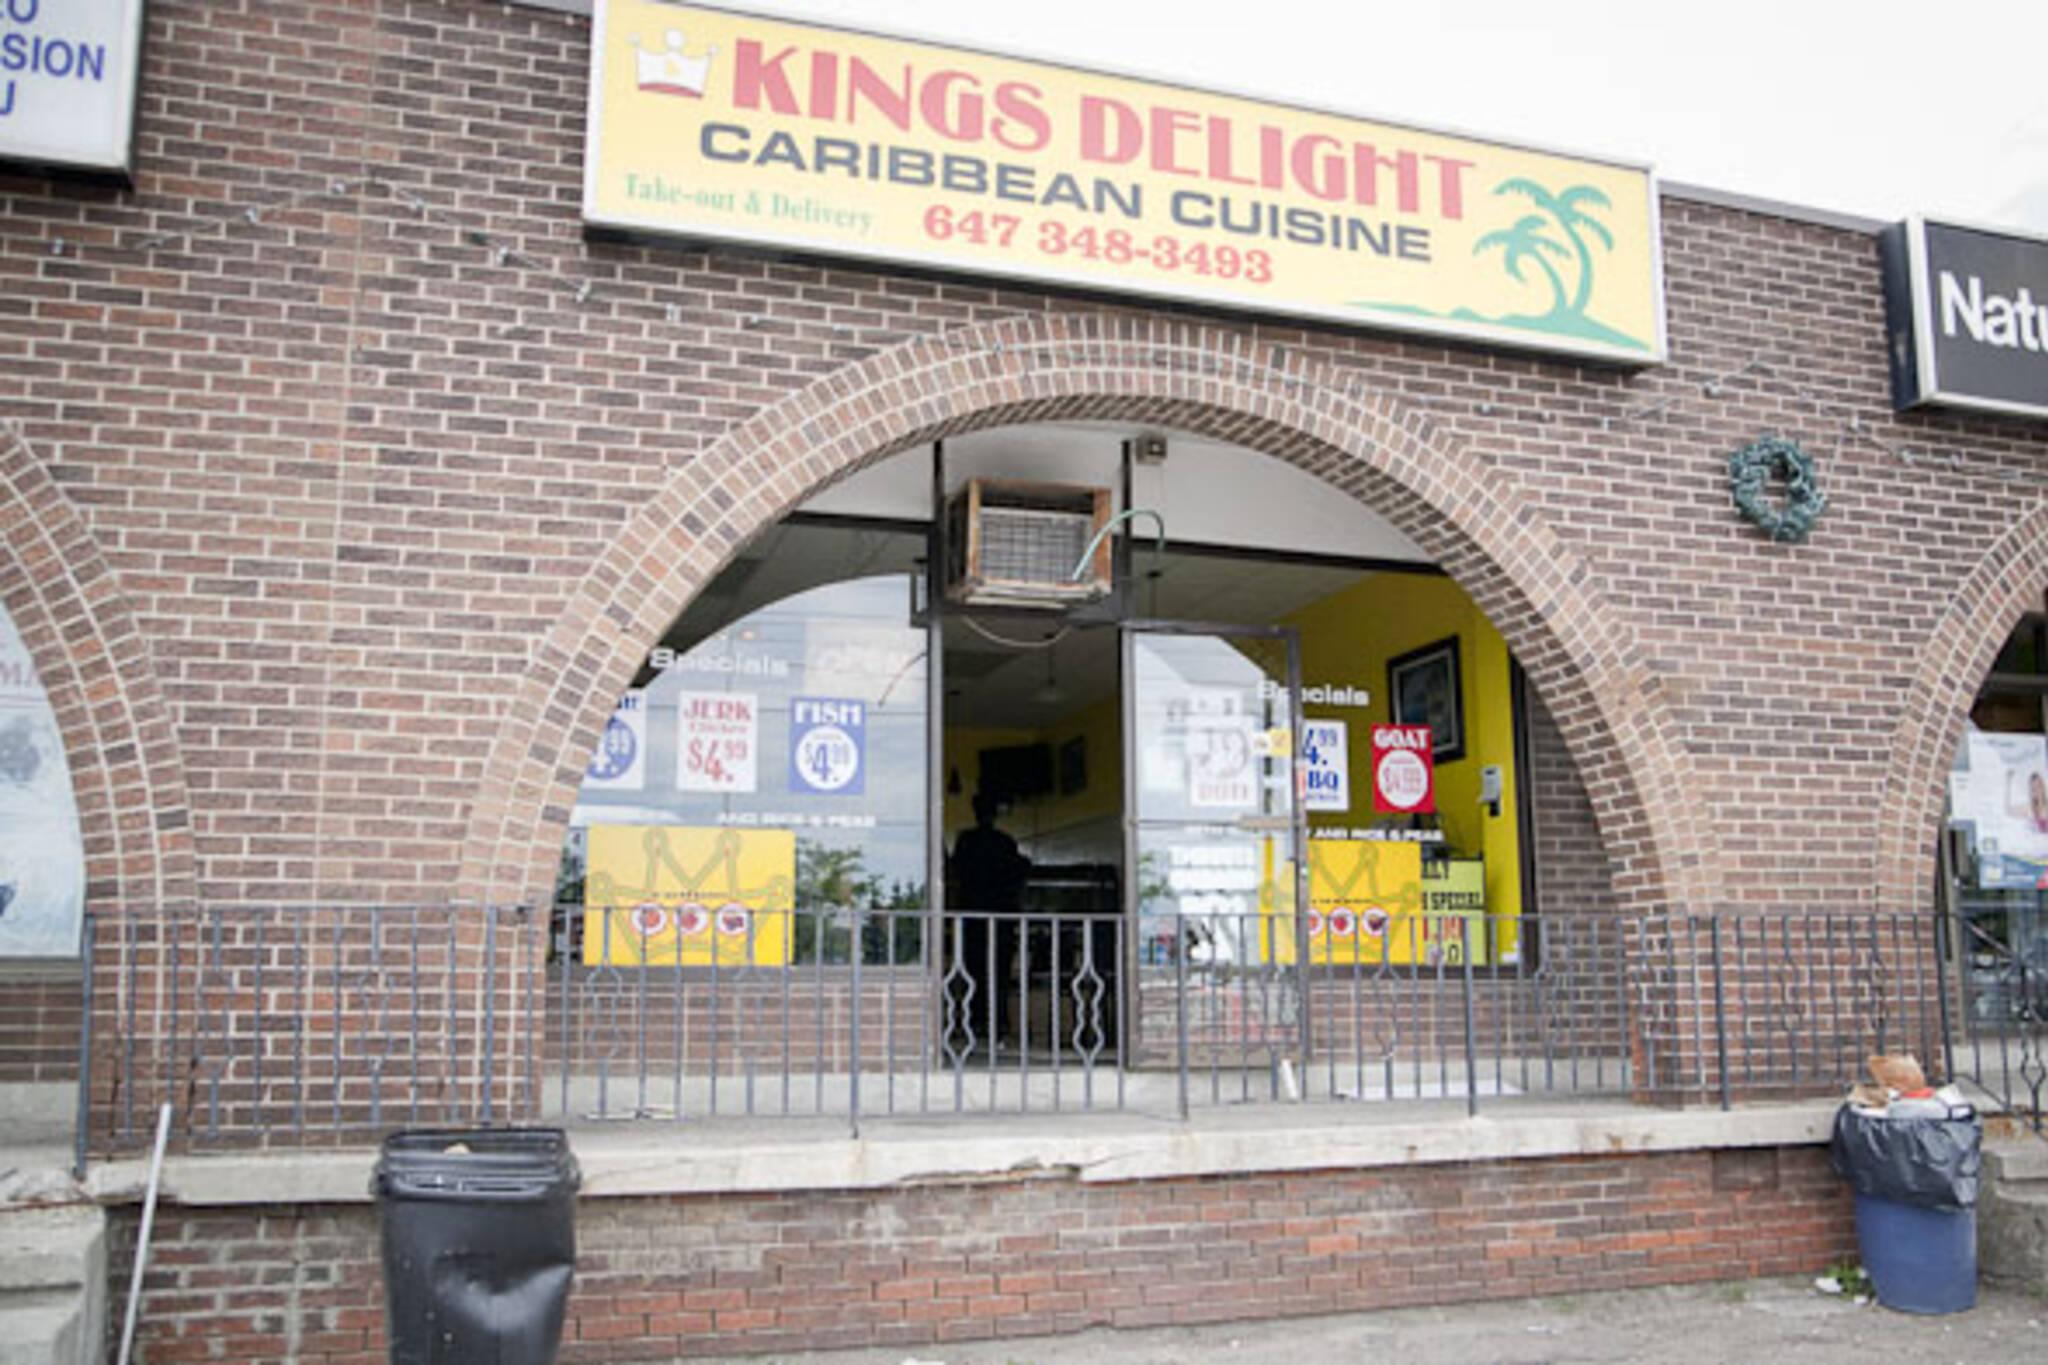 kings delight caribbean cuisine toronto